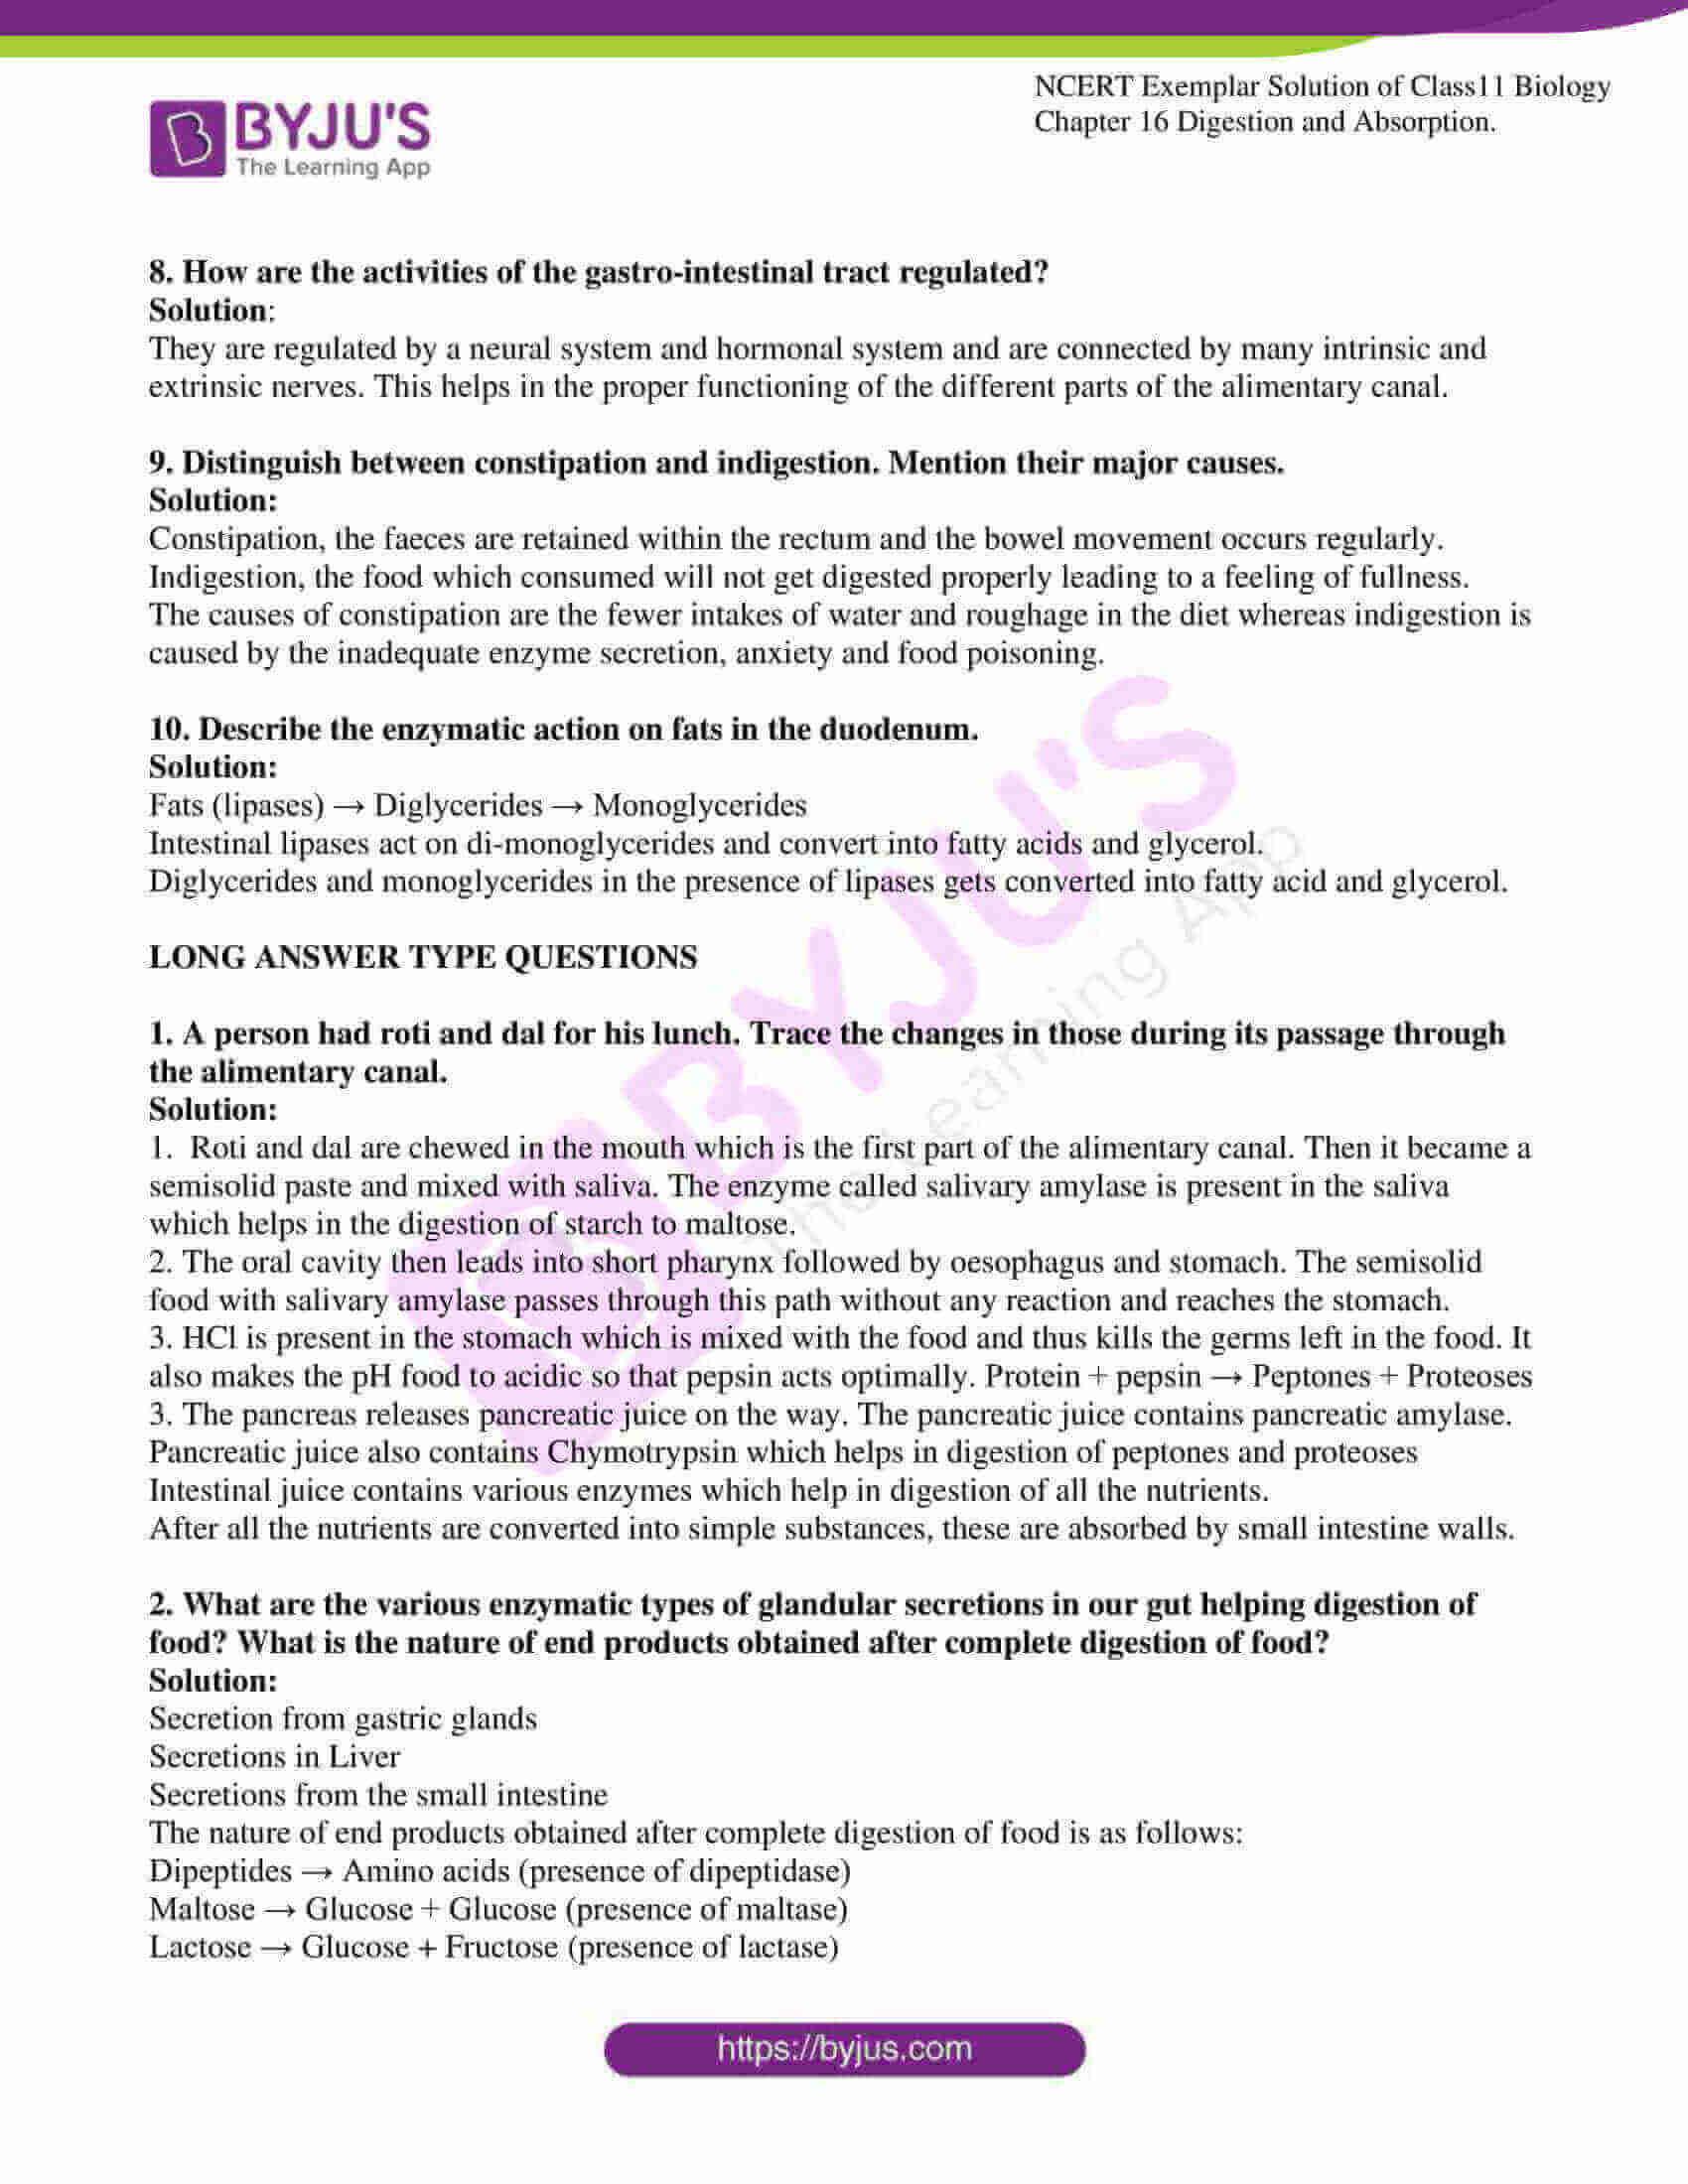 ncert exemplar solutions class 11 biology chapter 16 6